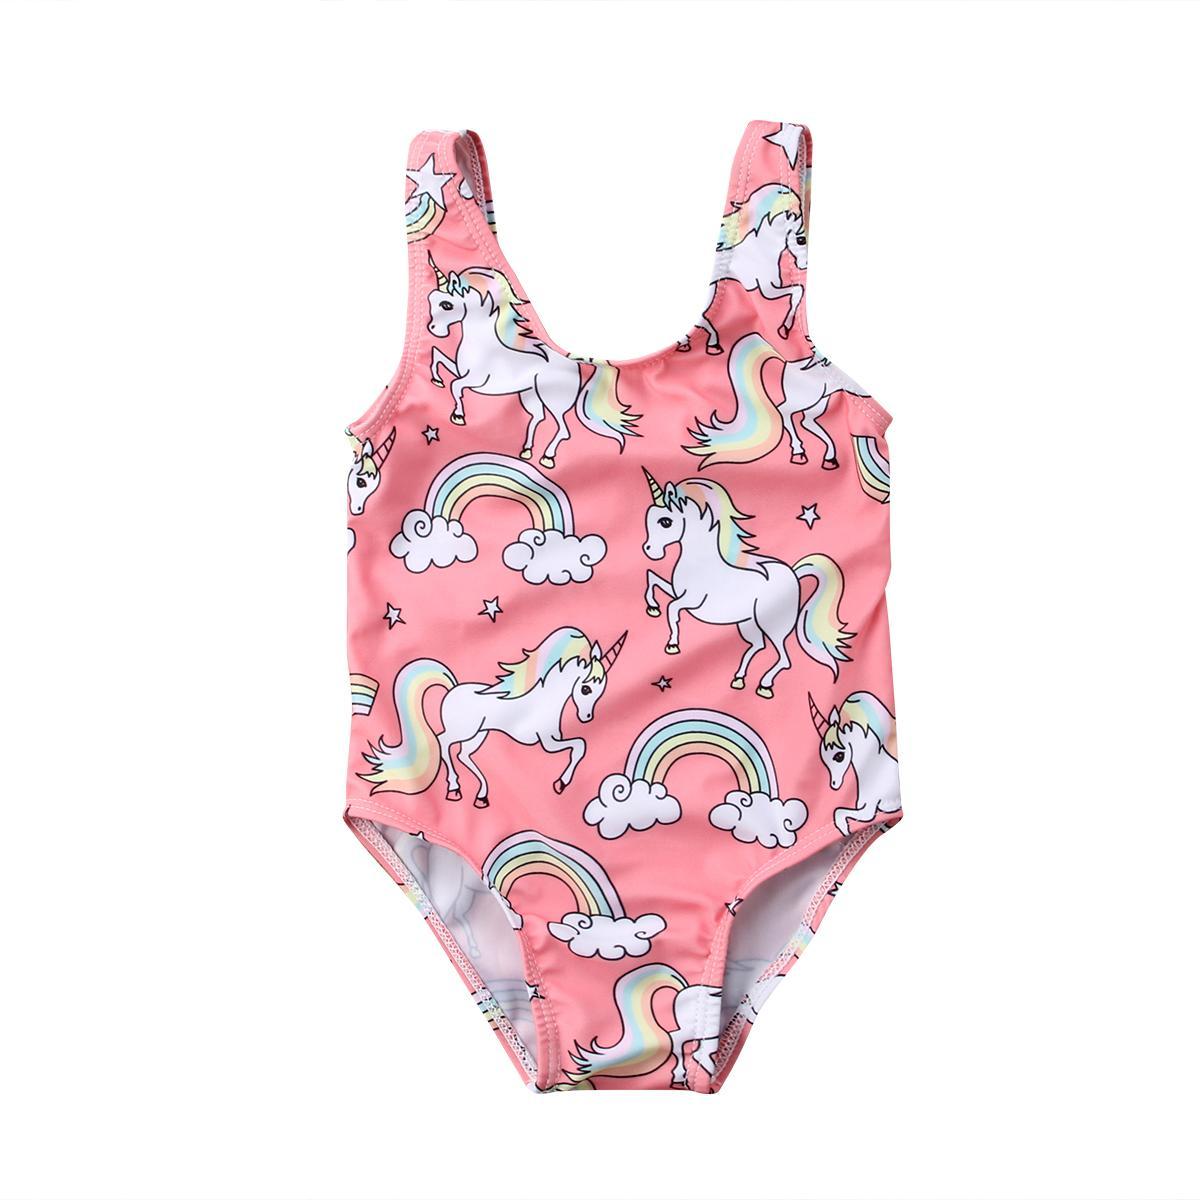 Estrenar infantil del niño recién nacido de los bebés de los niños del traje de baño traje de baño de Tankini del bikini del unicornio del arco iris de vestuario 0-3T